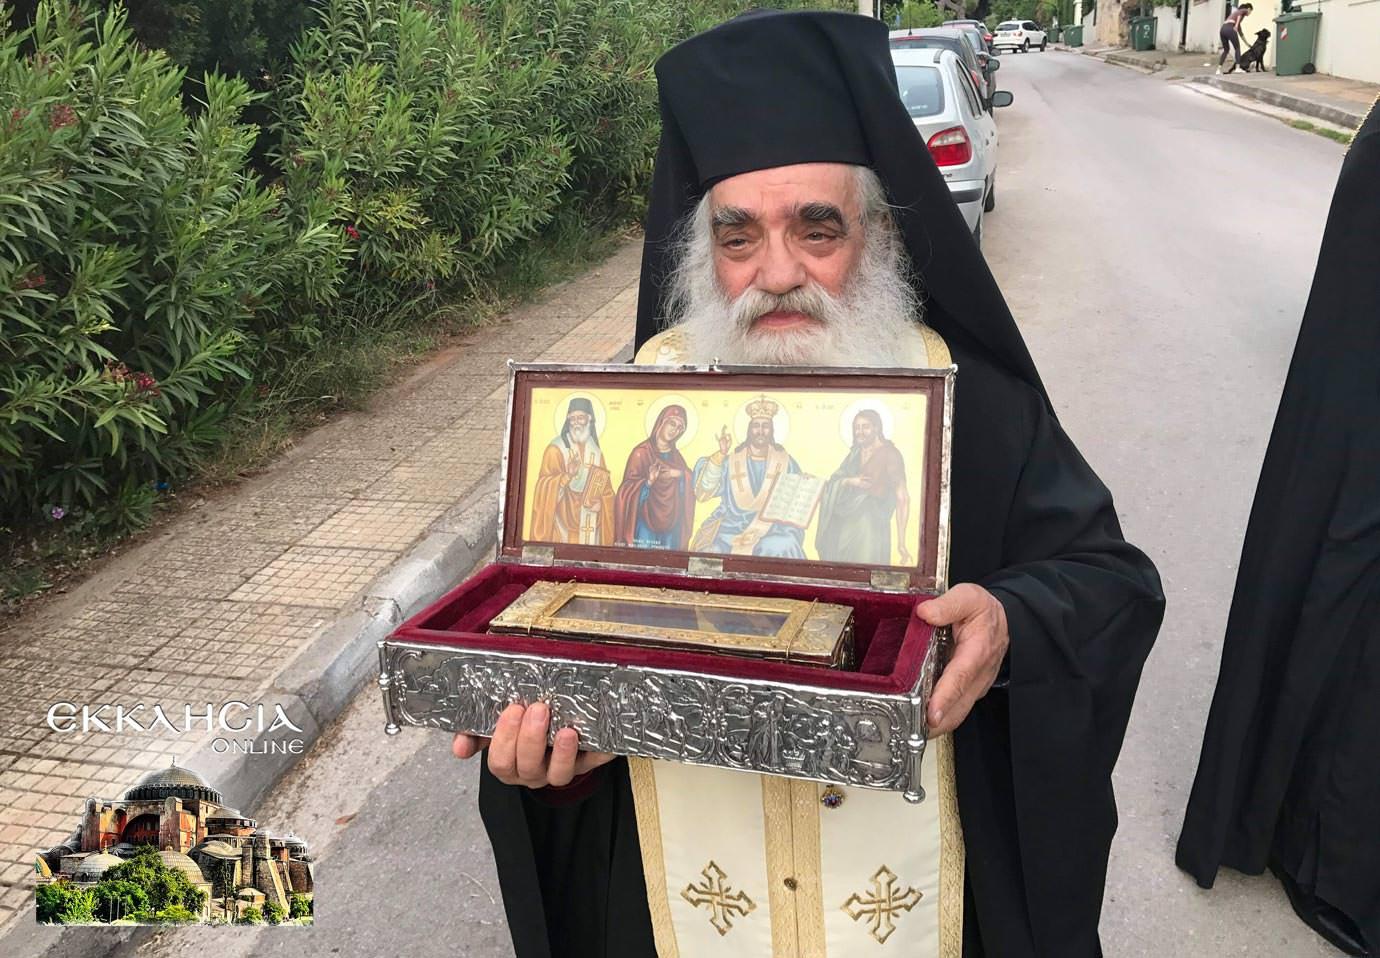 αγία ματρώνα ιερά λείψανα 2019